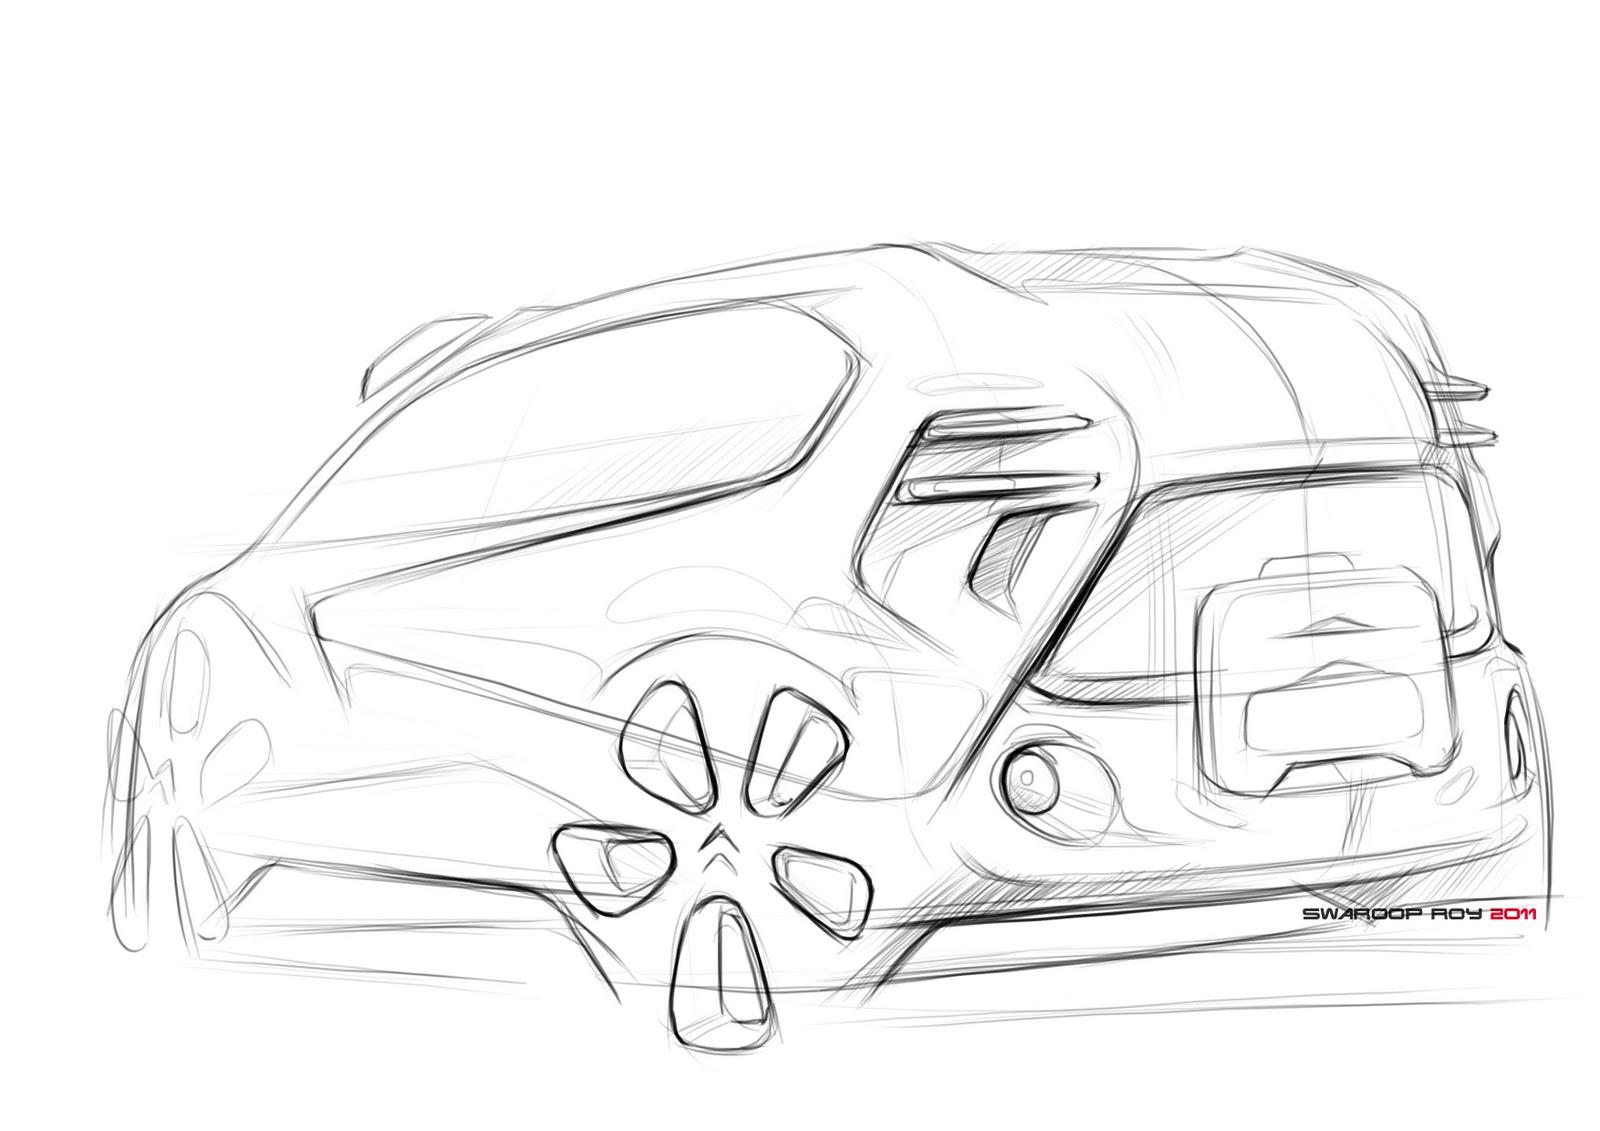 1600x1131 Volkswagen Scirocco Lt Design Visualization Gt